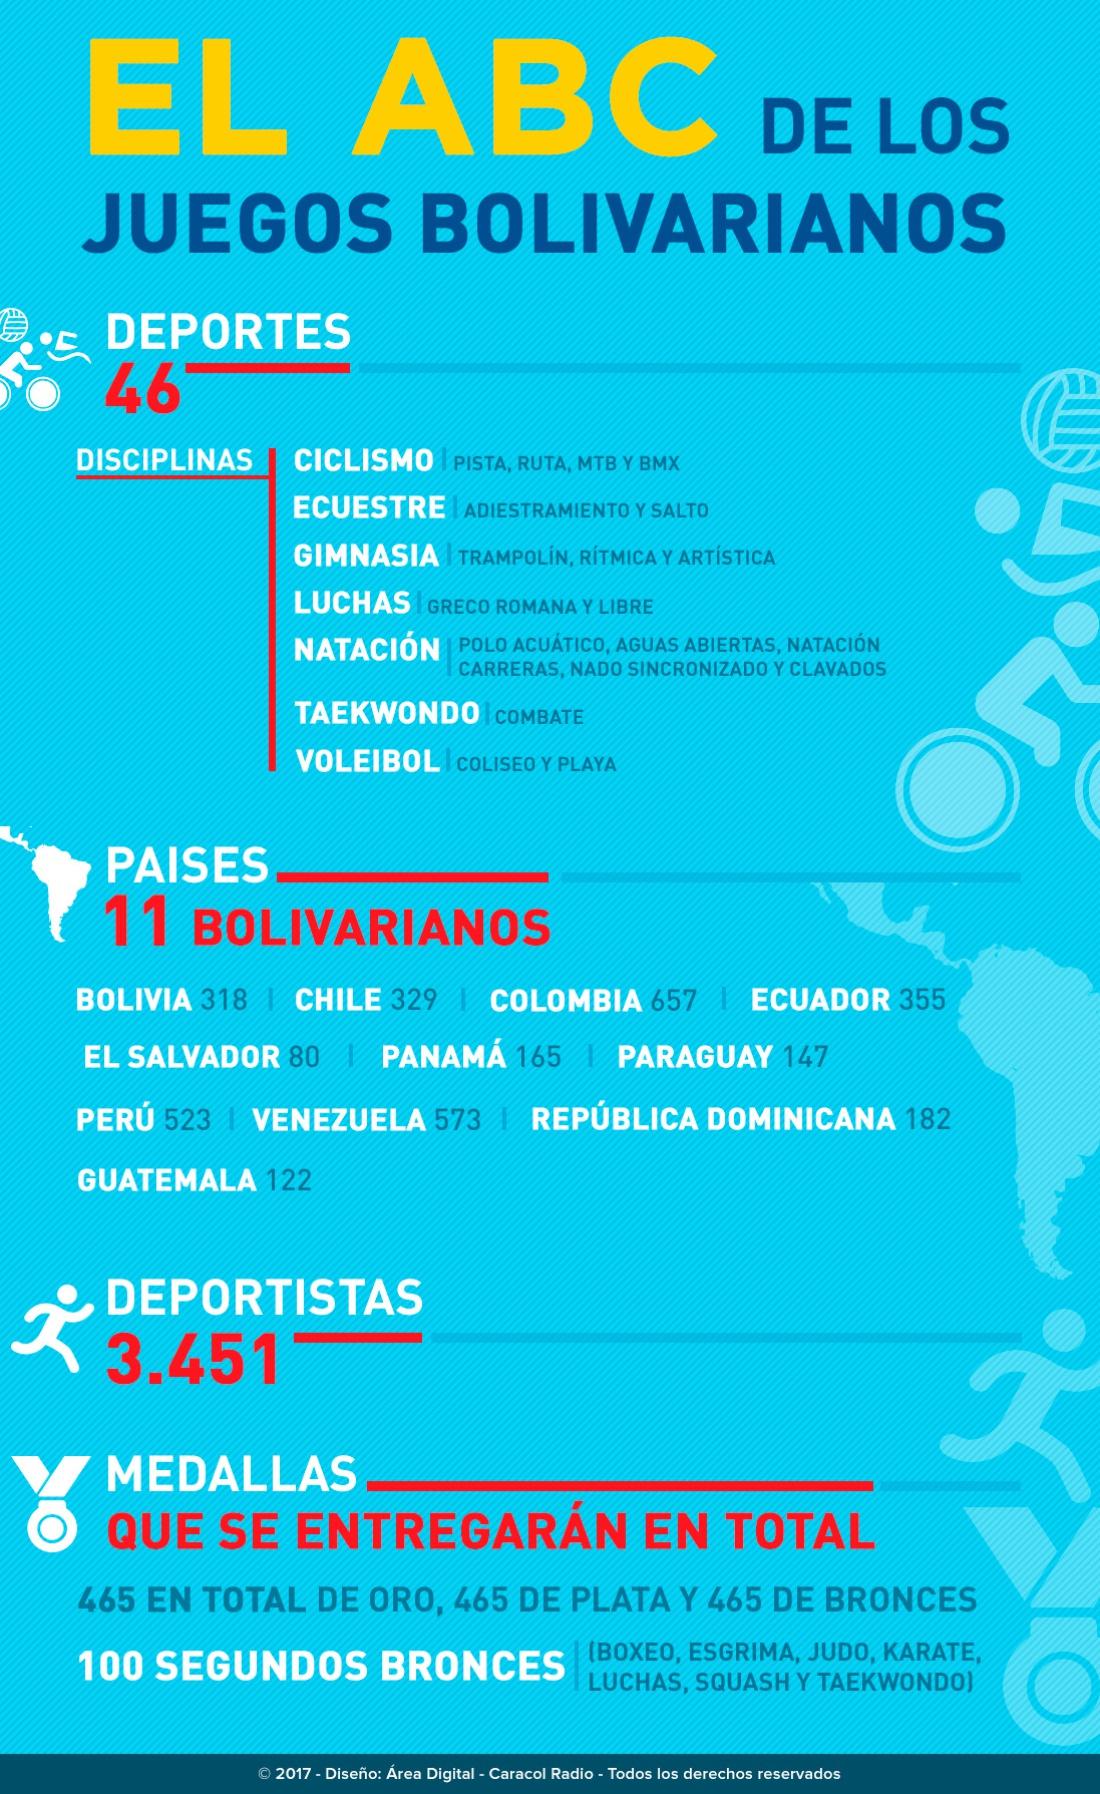 ABC Juegos Bolivarianos: El ABC de los Bolivarianos, todo lo que necesita saber de los Juegos